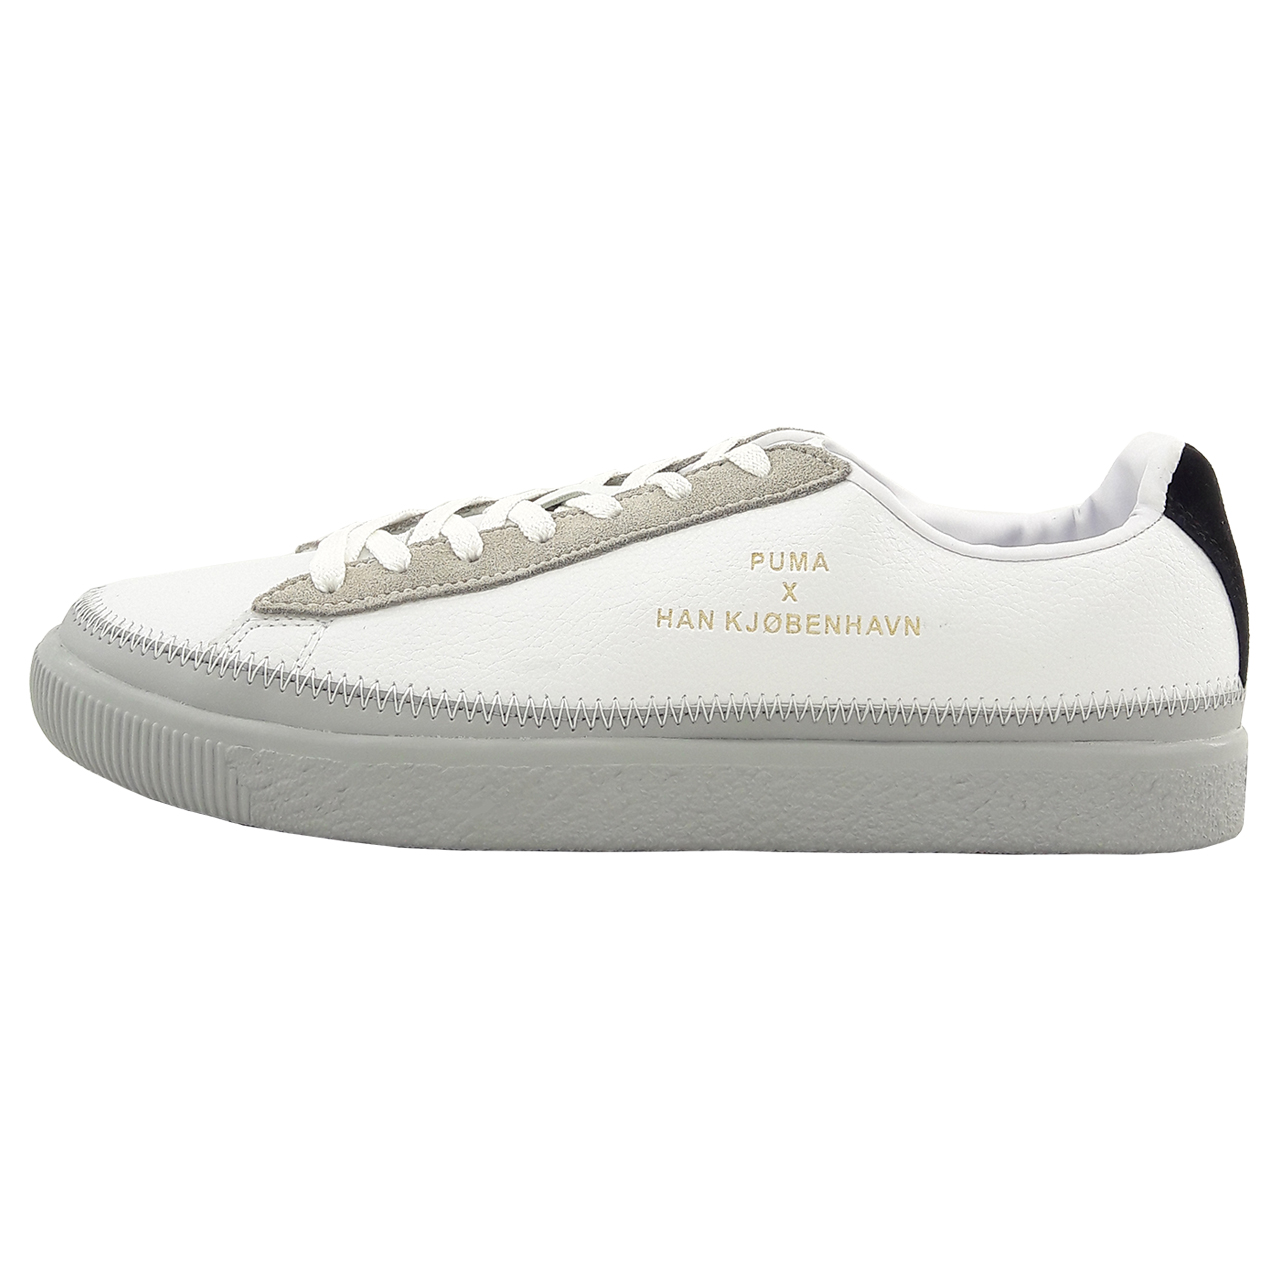 کفش ورزشی مردانه پوما مدل x 36447402